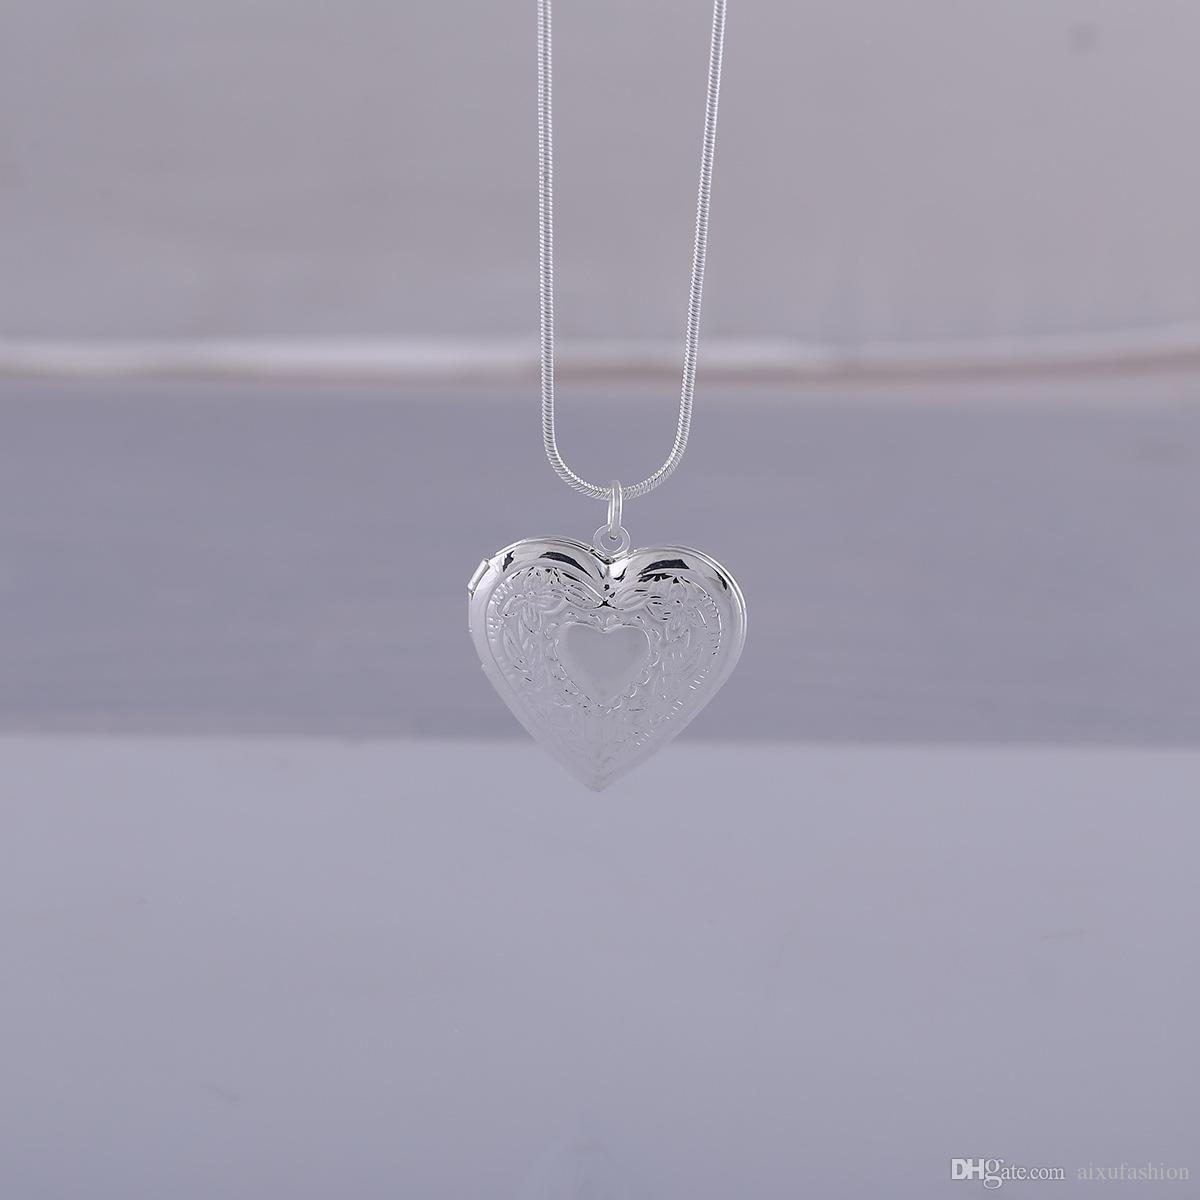 الفضة مطلي 925 المناجد قلادة القلائد القلب منحوتة سحر إطارات الصور يمكن فتح المنجد قلادة هدية عيد الحب للمرأة فتاة